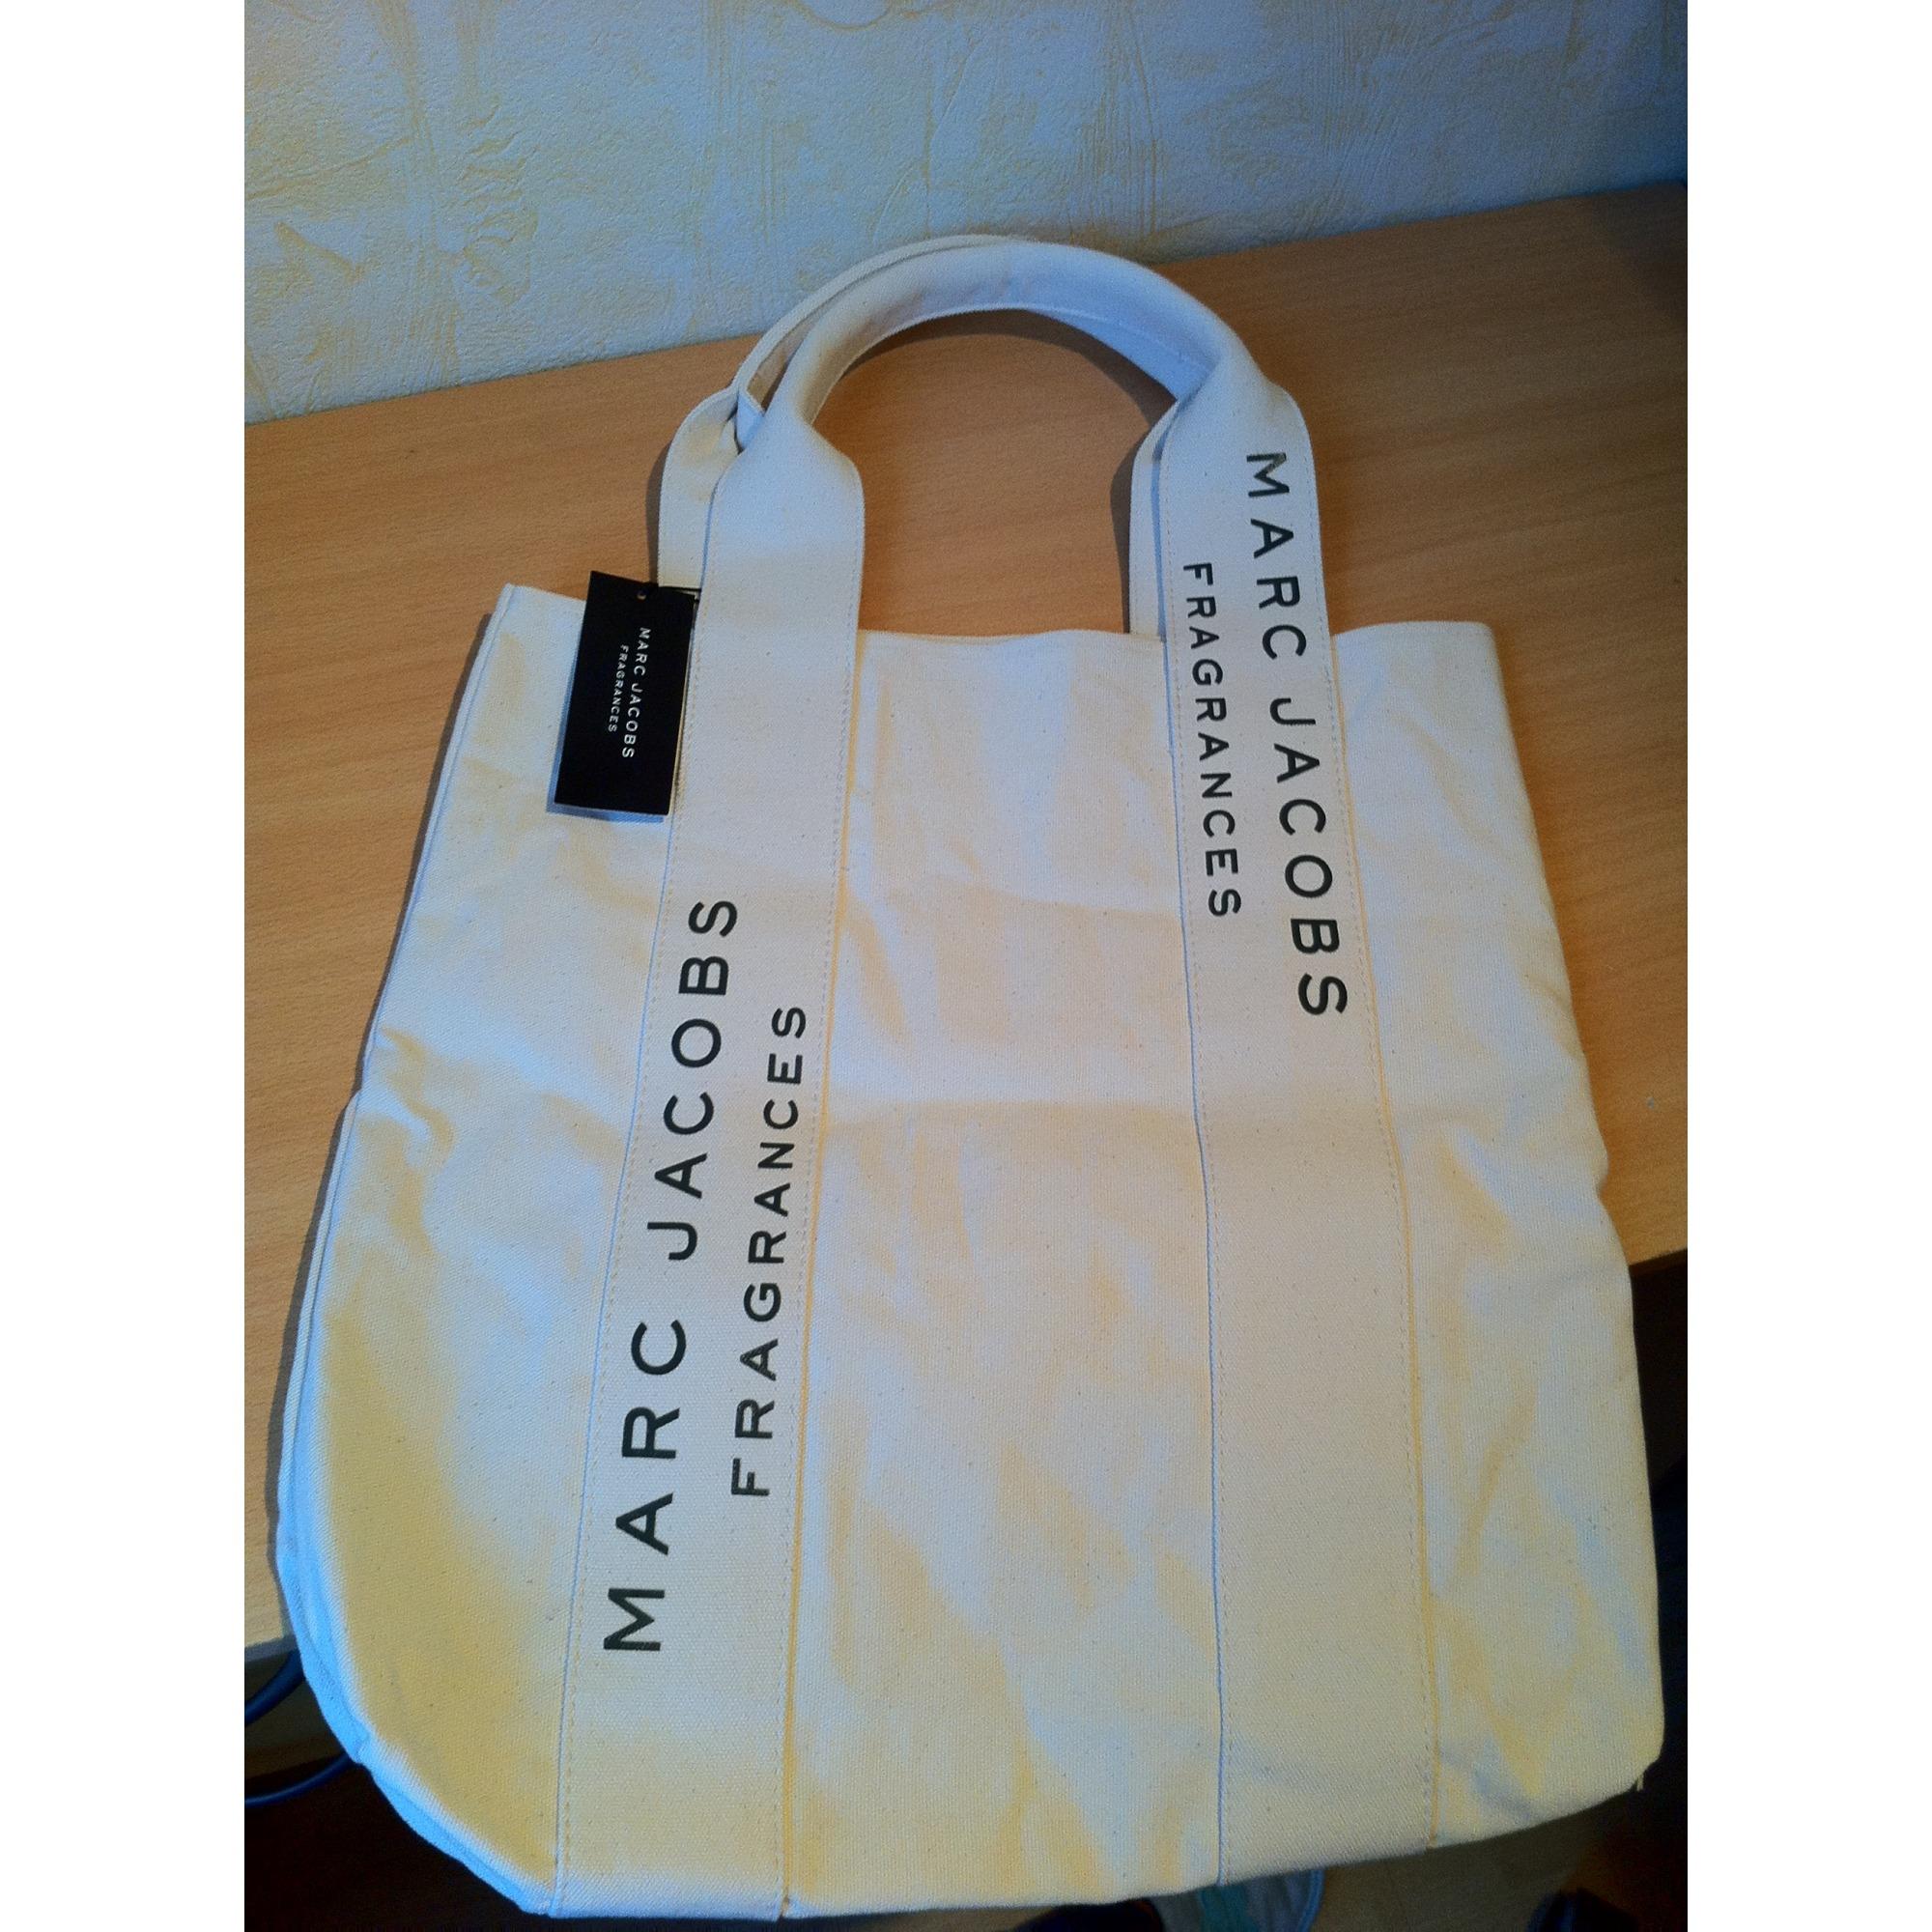 84ef7d1bfbce1d Sac à main en tissu MARC JACOBS beige vendu par Shopname55722 - 368316